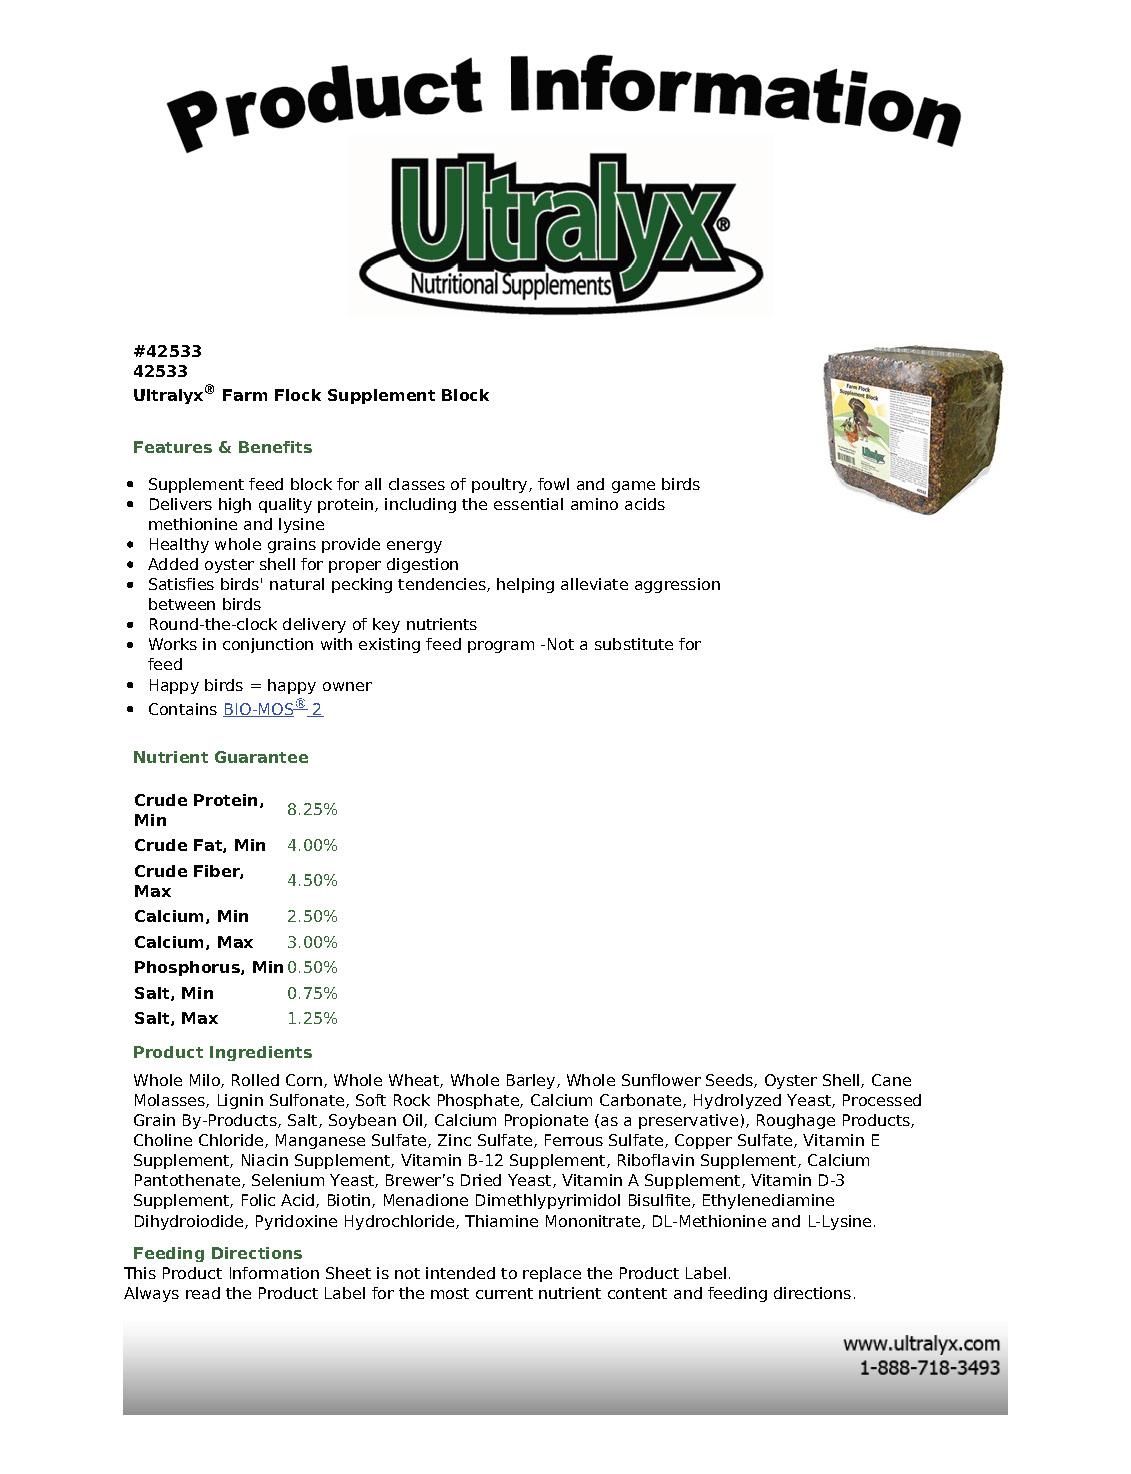 Farm Flock Supplement Block spec sheet